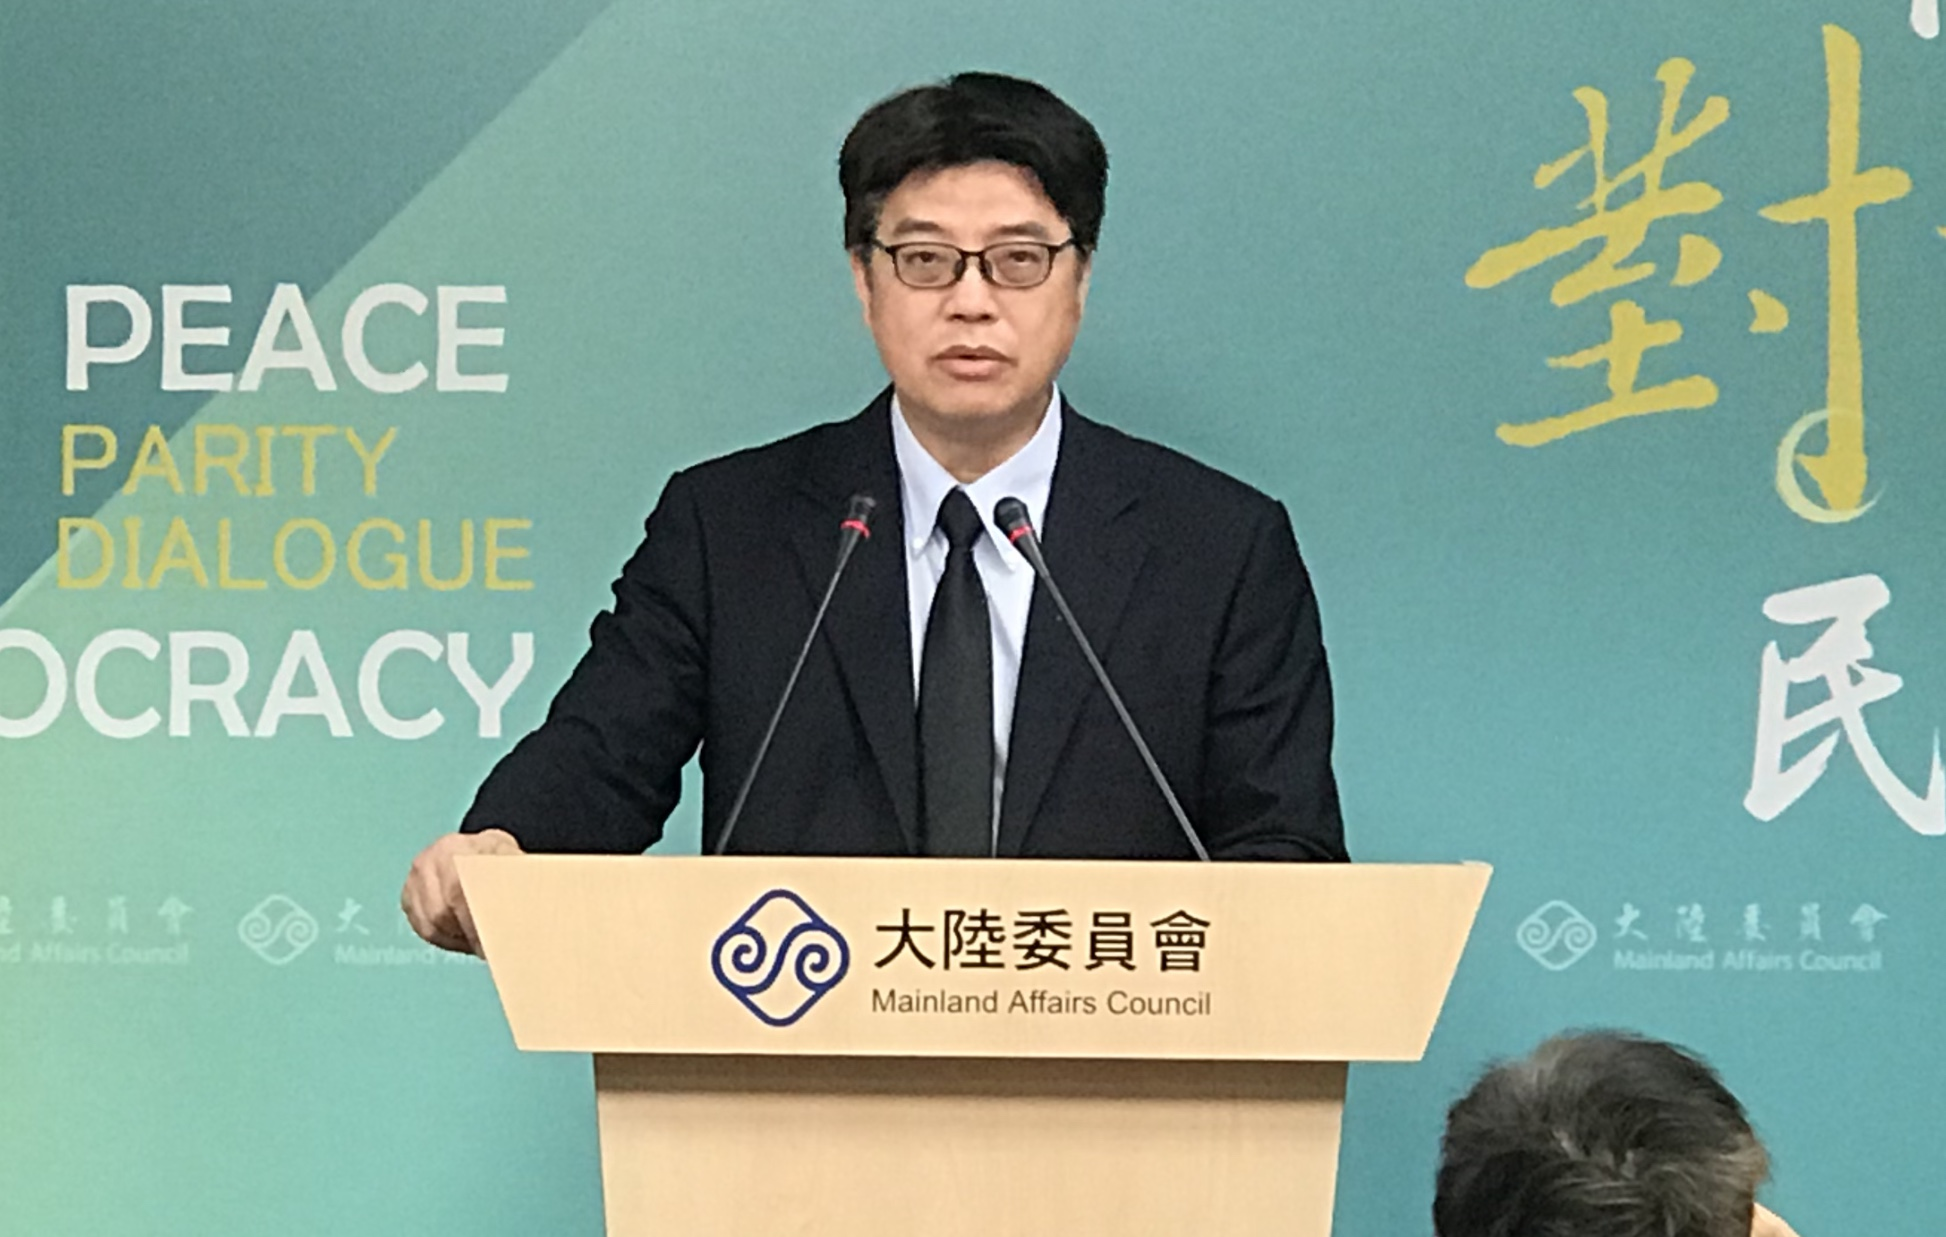 台灣陸委會:中共與中國人民利益相悖